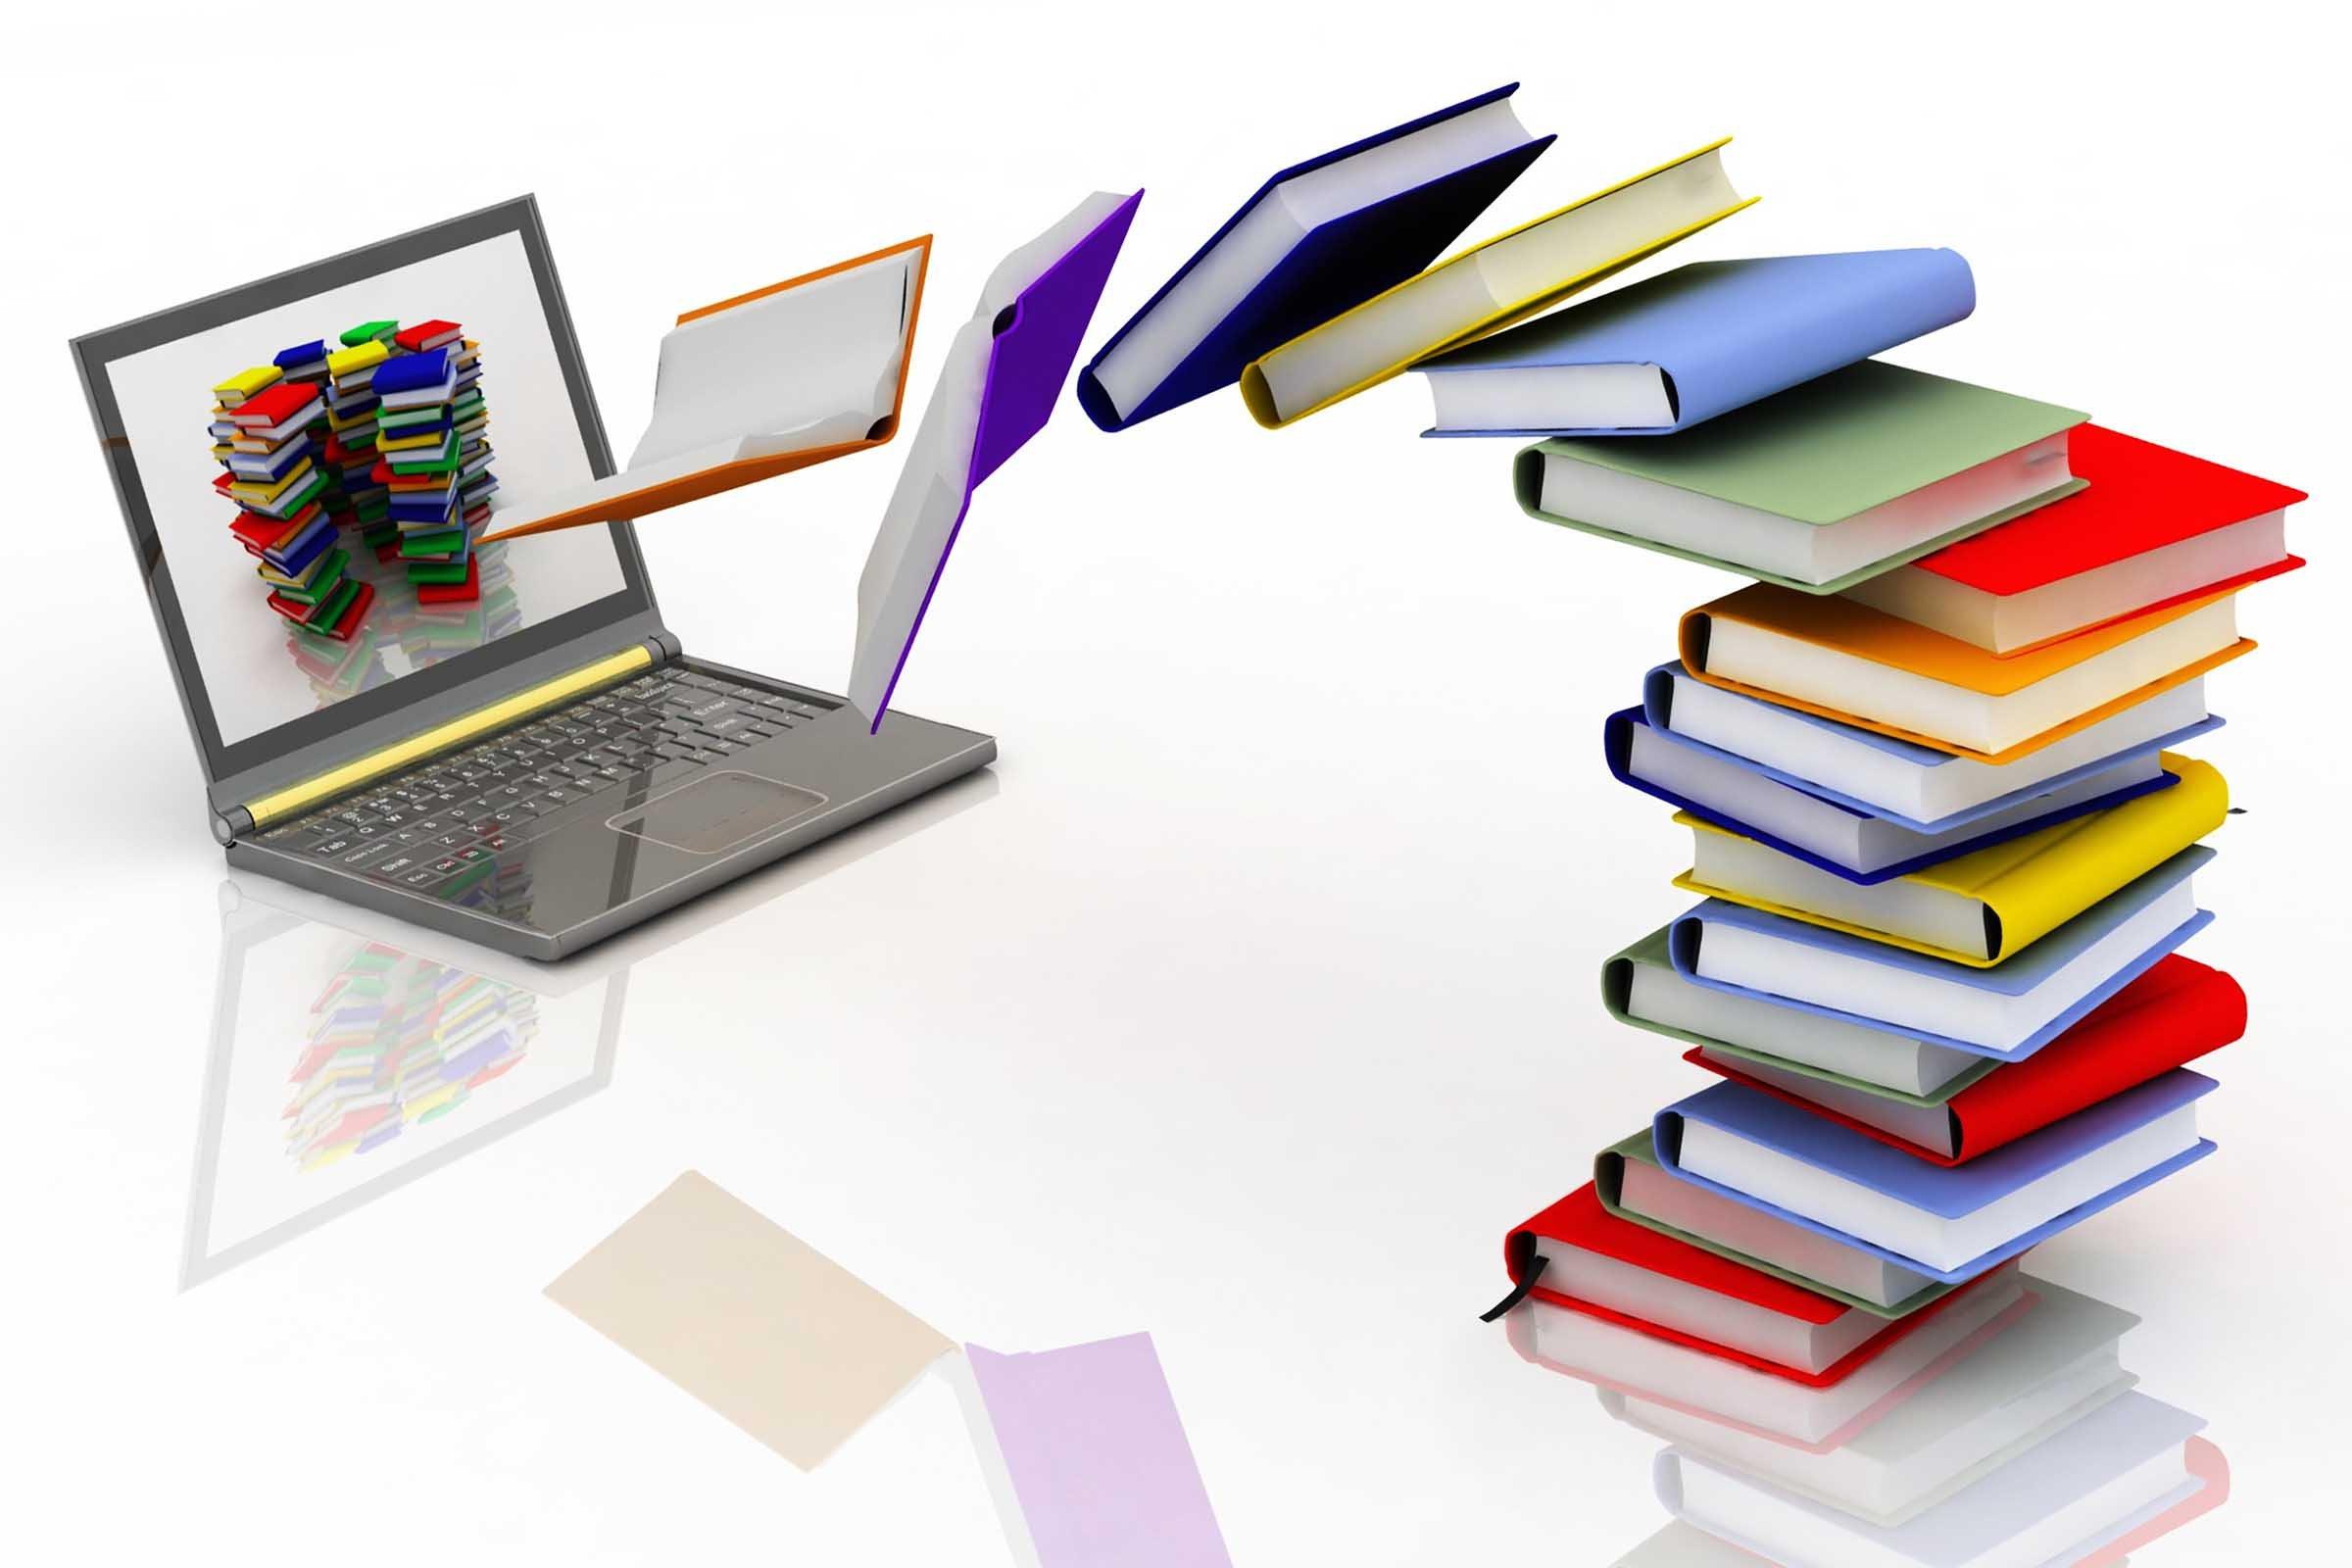 Capacitación para emprendedores: cursos gratis para potenciar sus habilidades